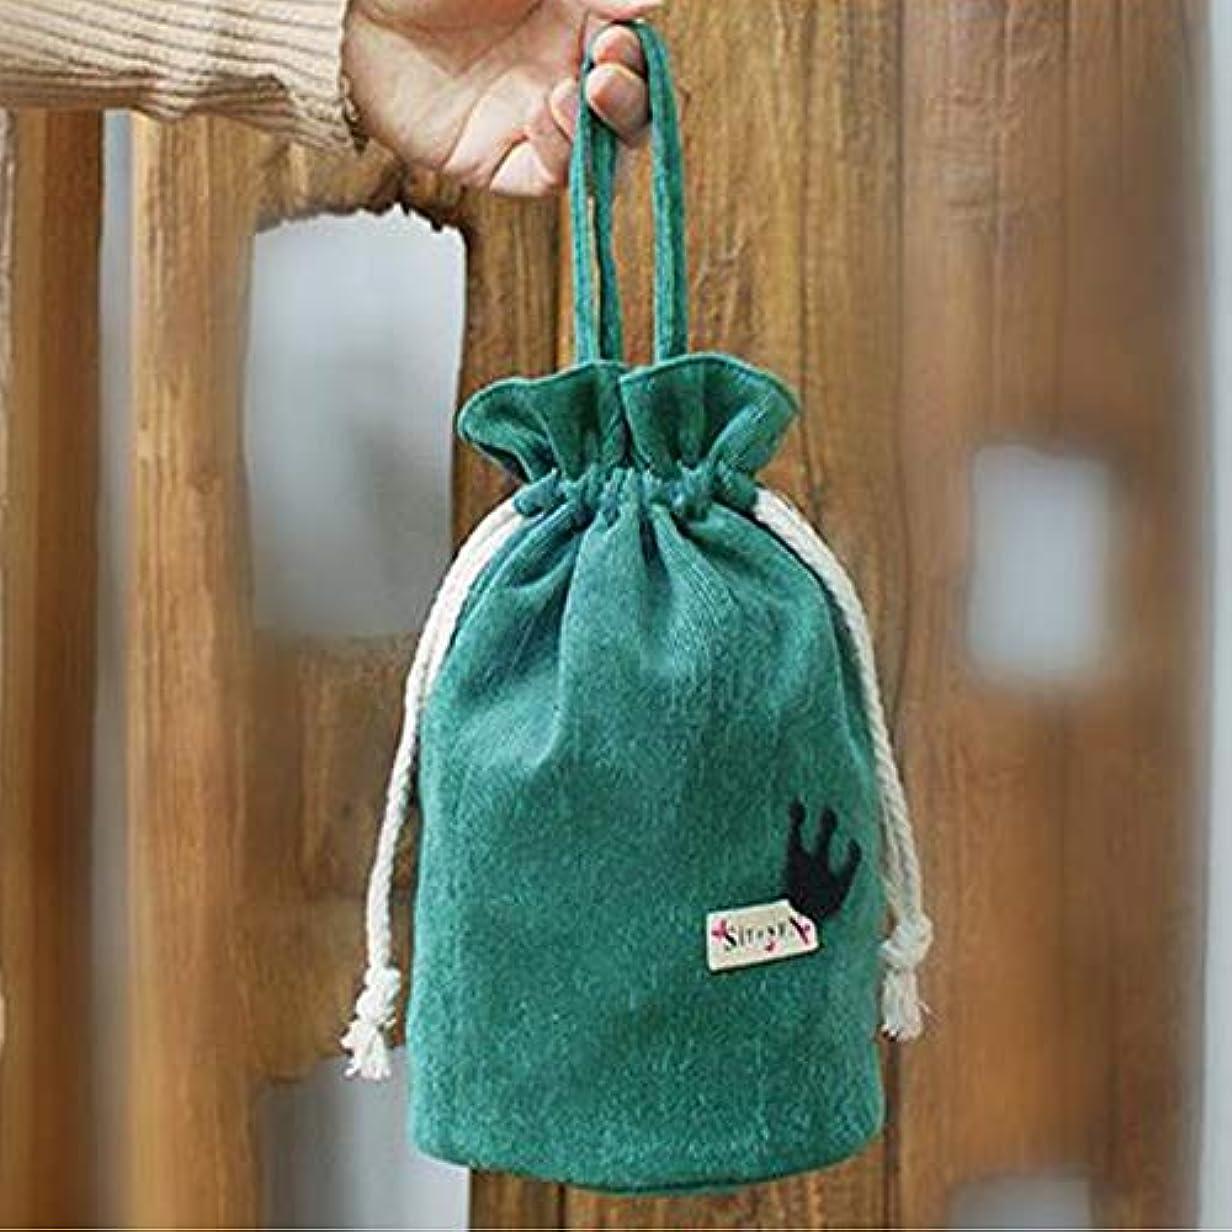 として眠り孤独なBIDLS ギフトバッグシリンダー小さな布バッグバンチ口コスメティックバッグキャンバスバッグ (Color : Green)